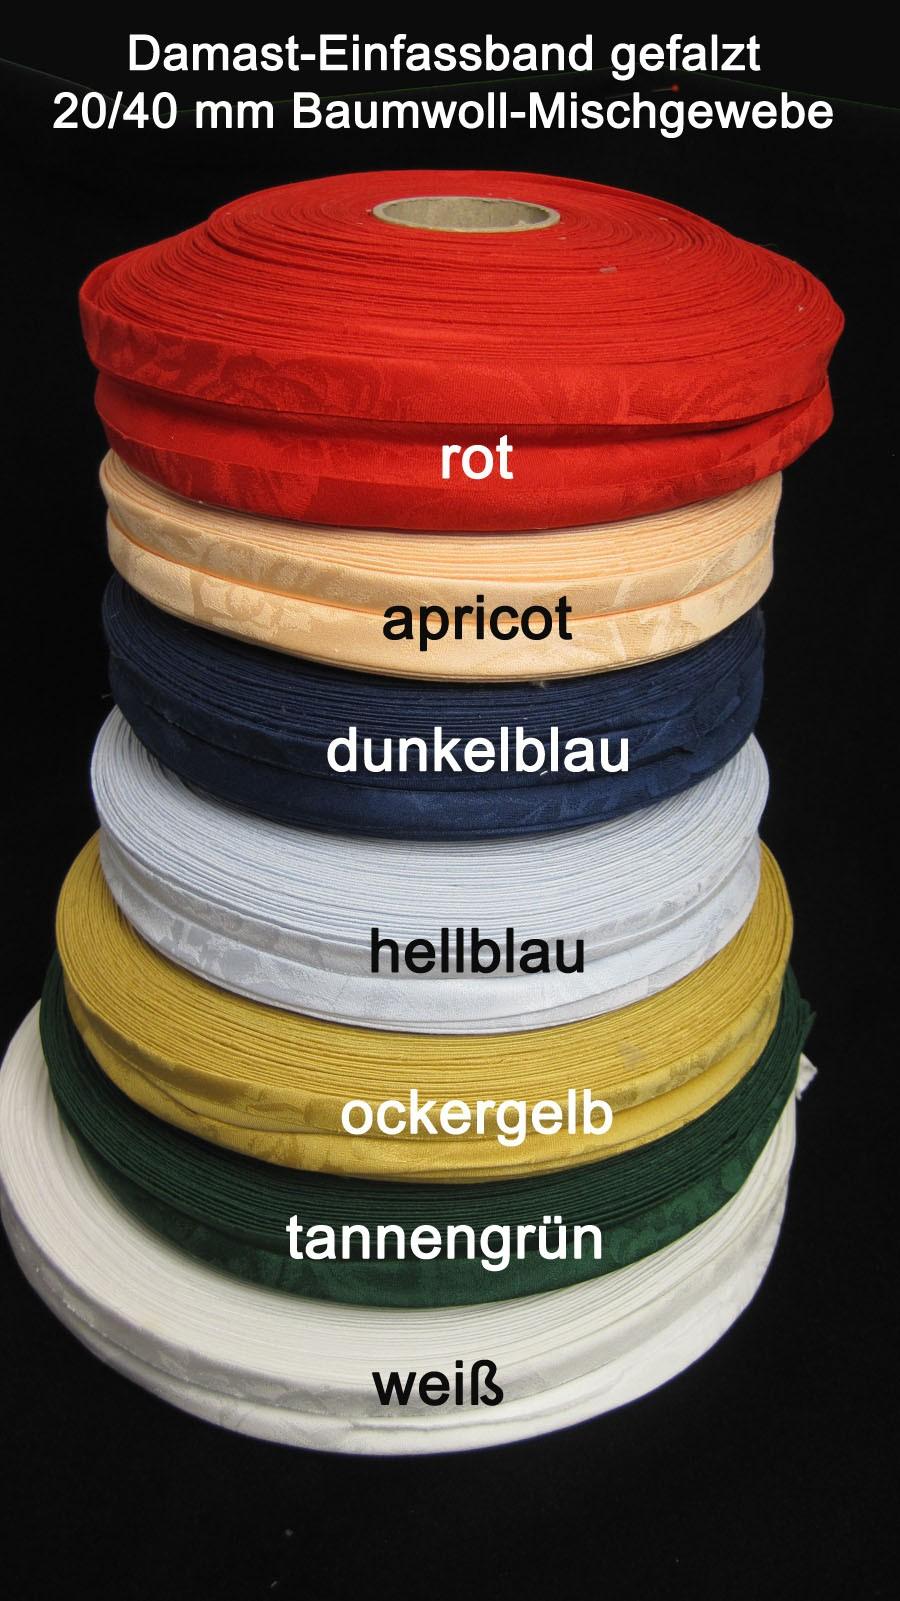 Damast-Einfassband 40/20 mm  vorgefalzt Hellblau 5 lfdm.